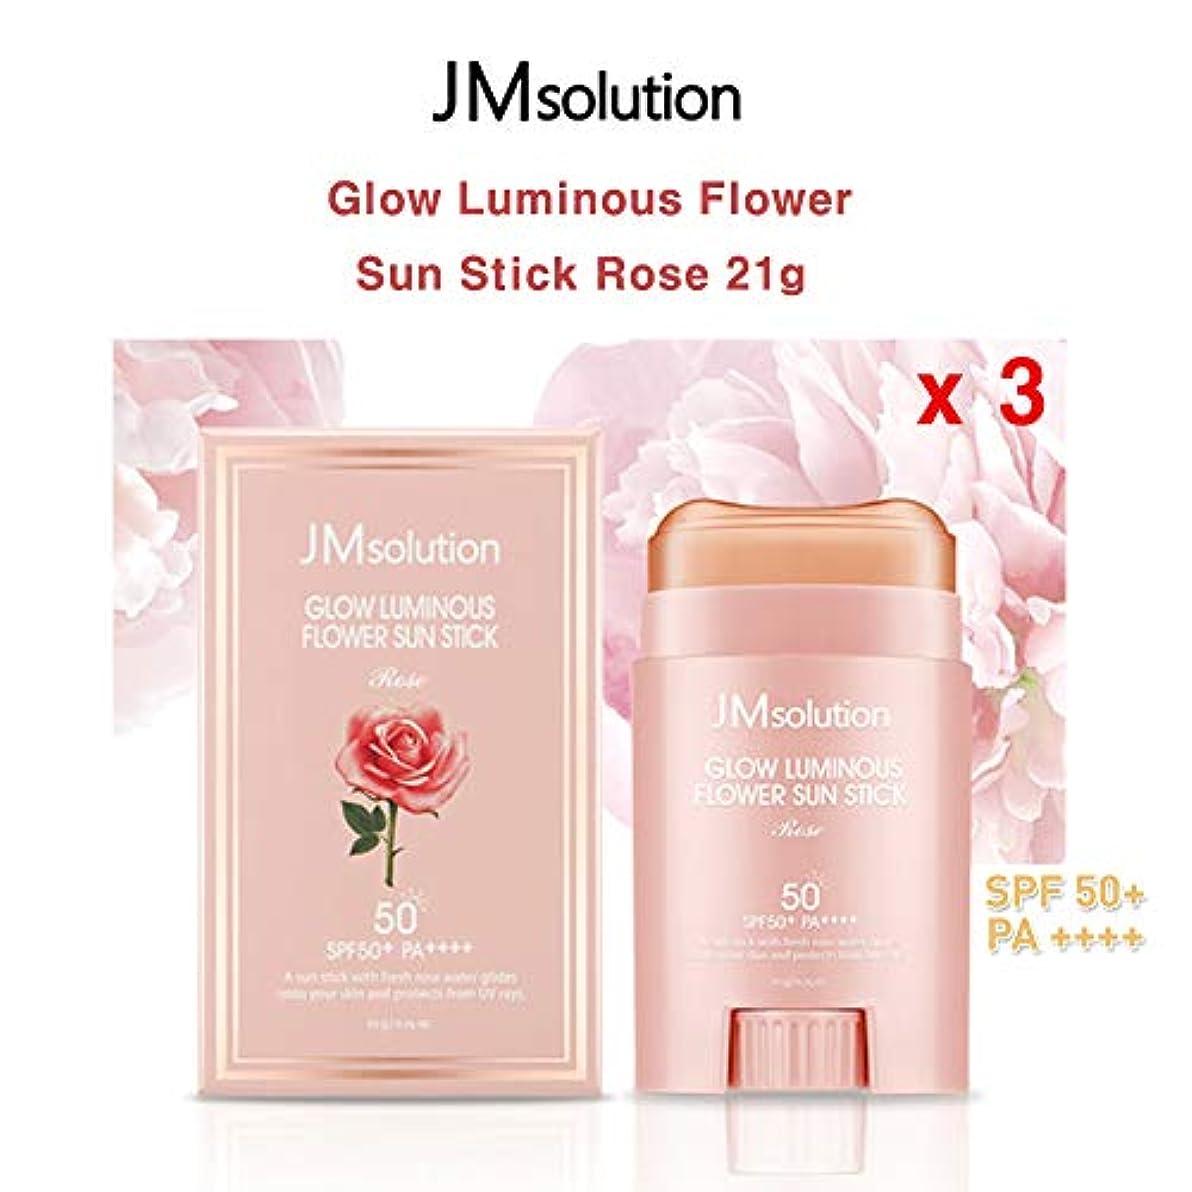 硬さ会計士地雷原JM Solution ★1+1+1★ Glow Luminous Flower Sun Stick Rose 21g (spf50 PA) 光る輝く花Sun Stick Rose